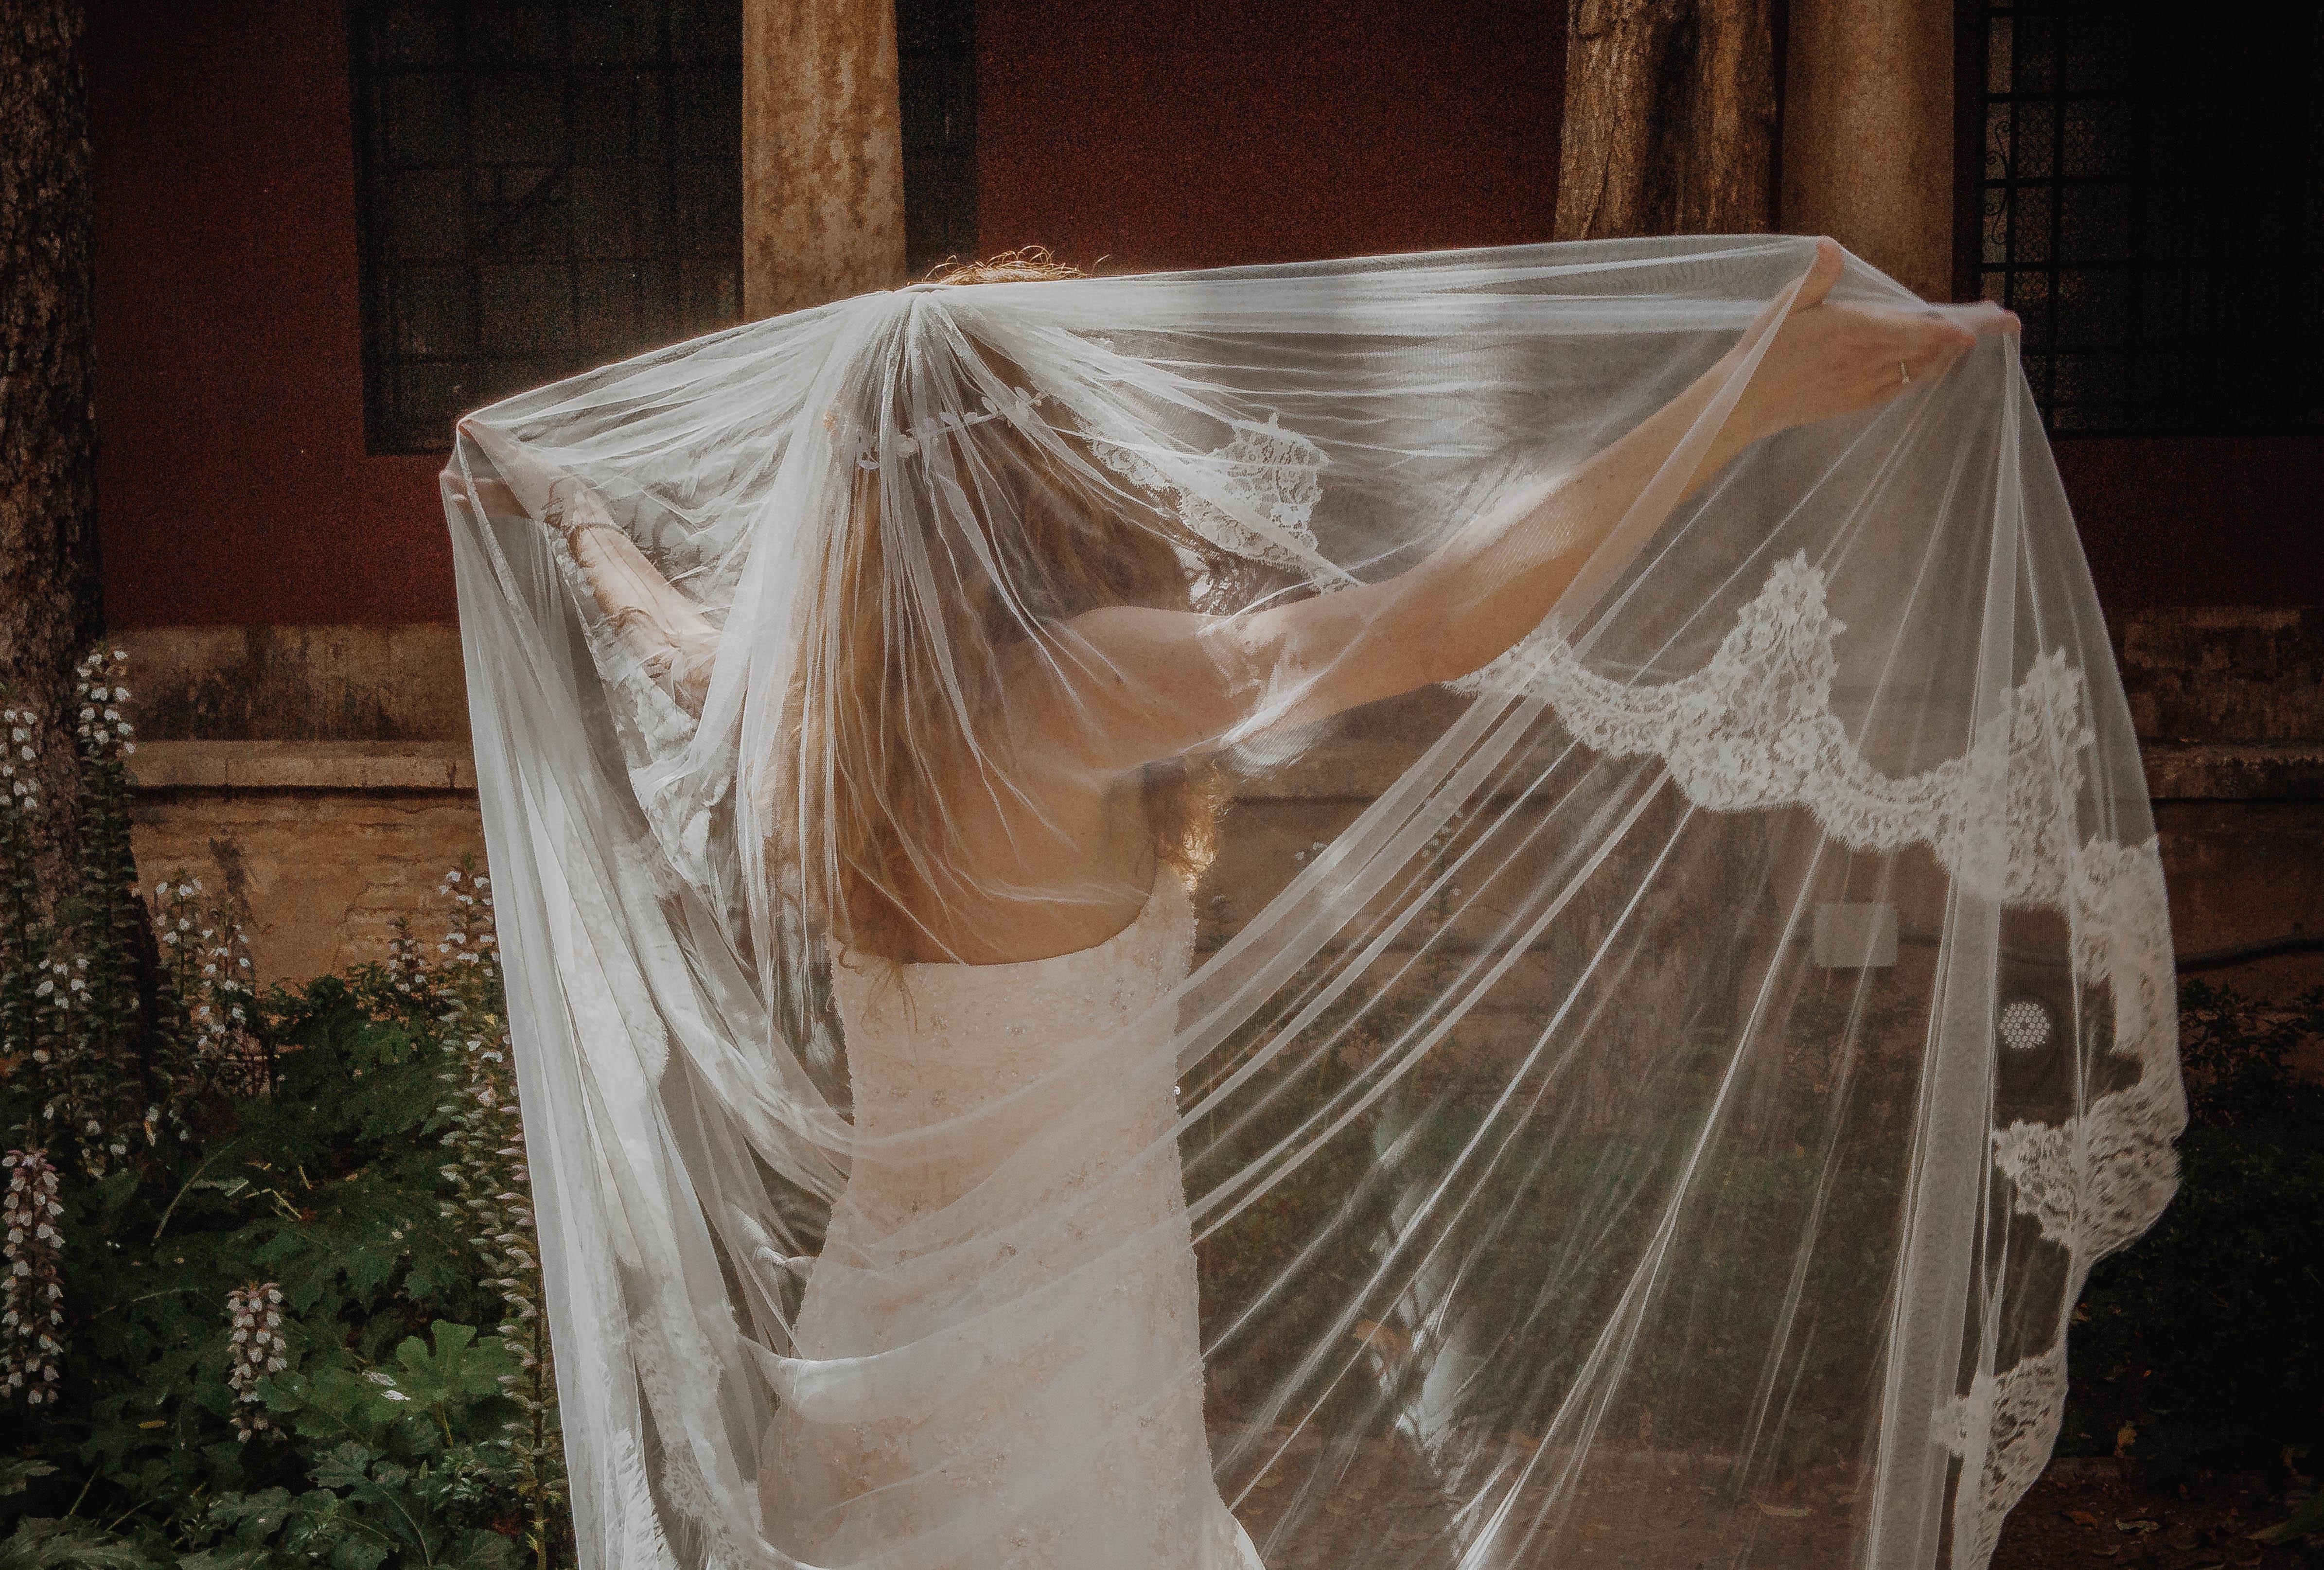 fotografo-de-bodas-valencia-ibiza-alicante-castellon-marbella-madrid-barcelona 14